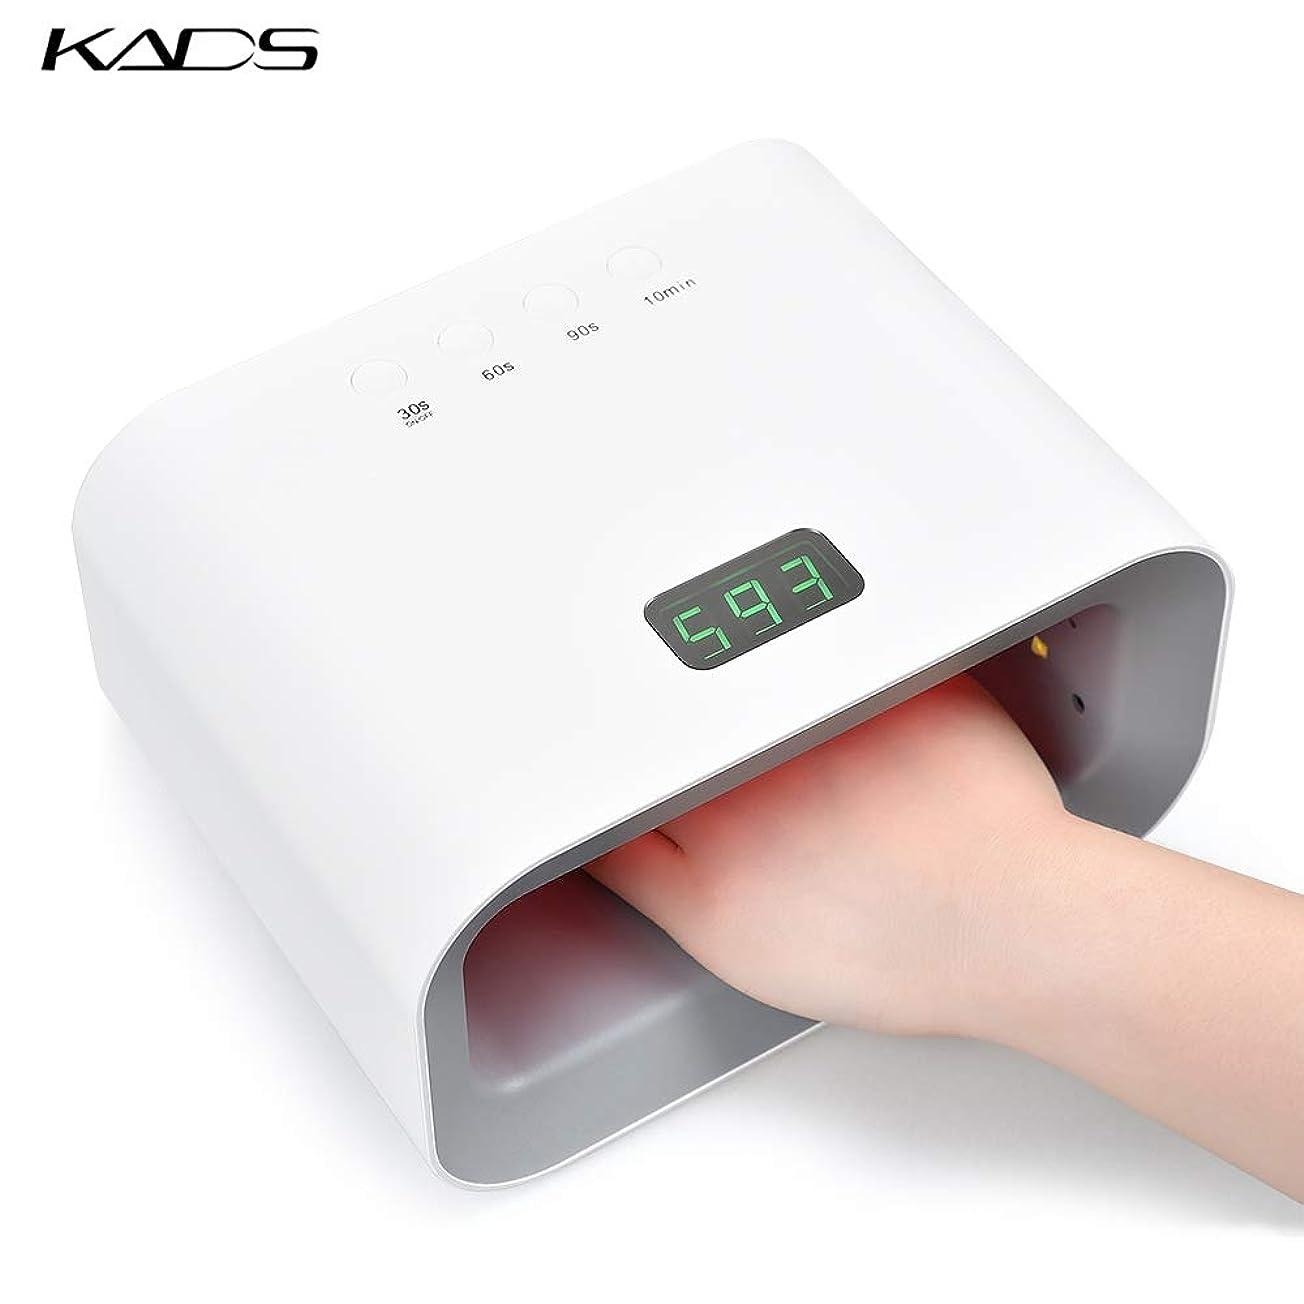 本を読む個性辛いKADS LEDネイルドライヤー UV/LEDライト 90W 美白機能付き 3段階タイマー設定 高速硬化 硬化用ライト ランプ ジェルネイル用 赤外線検知